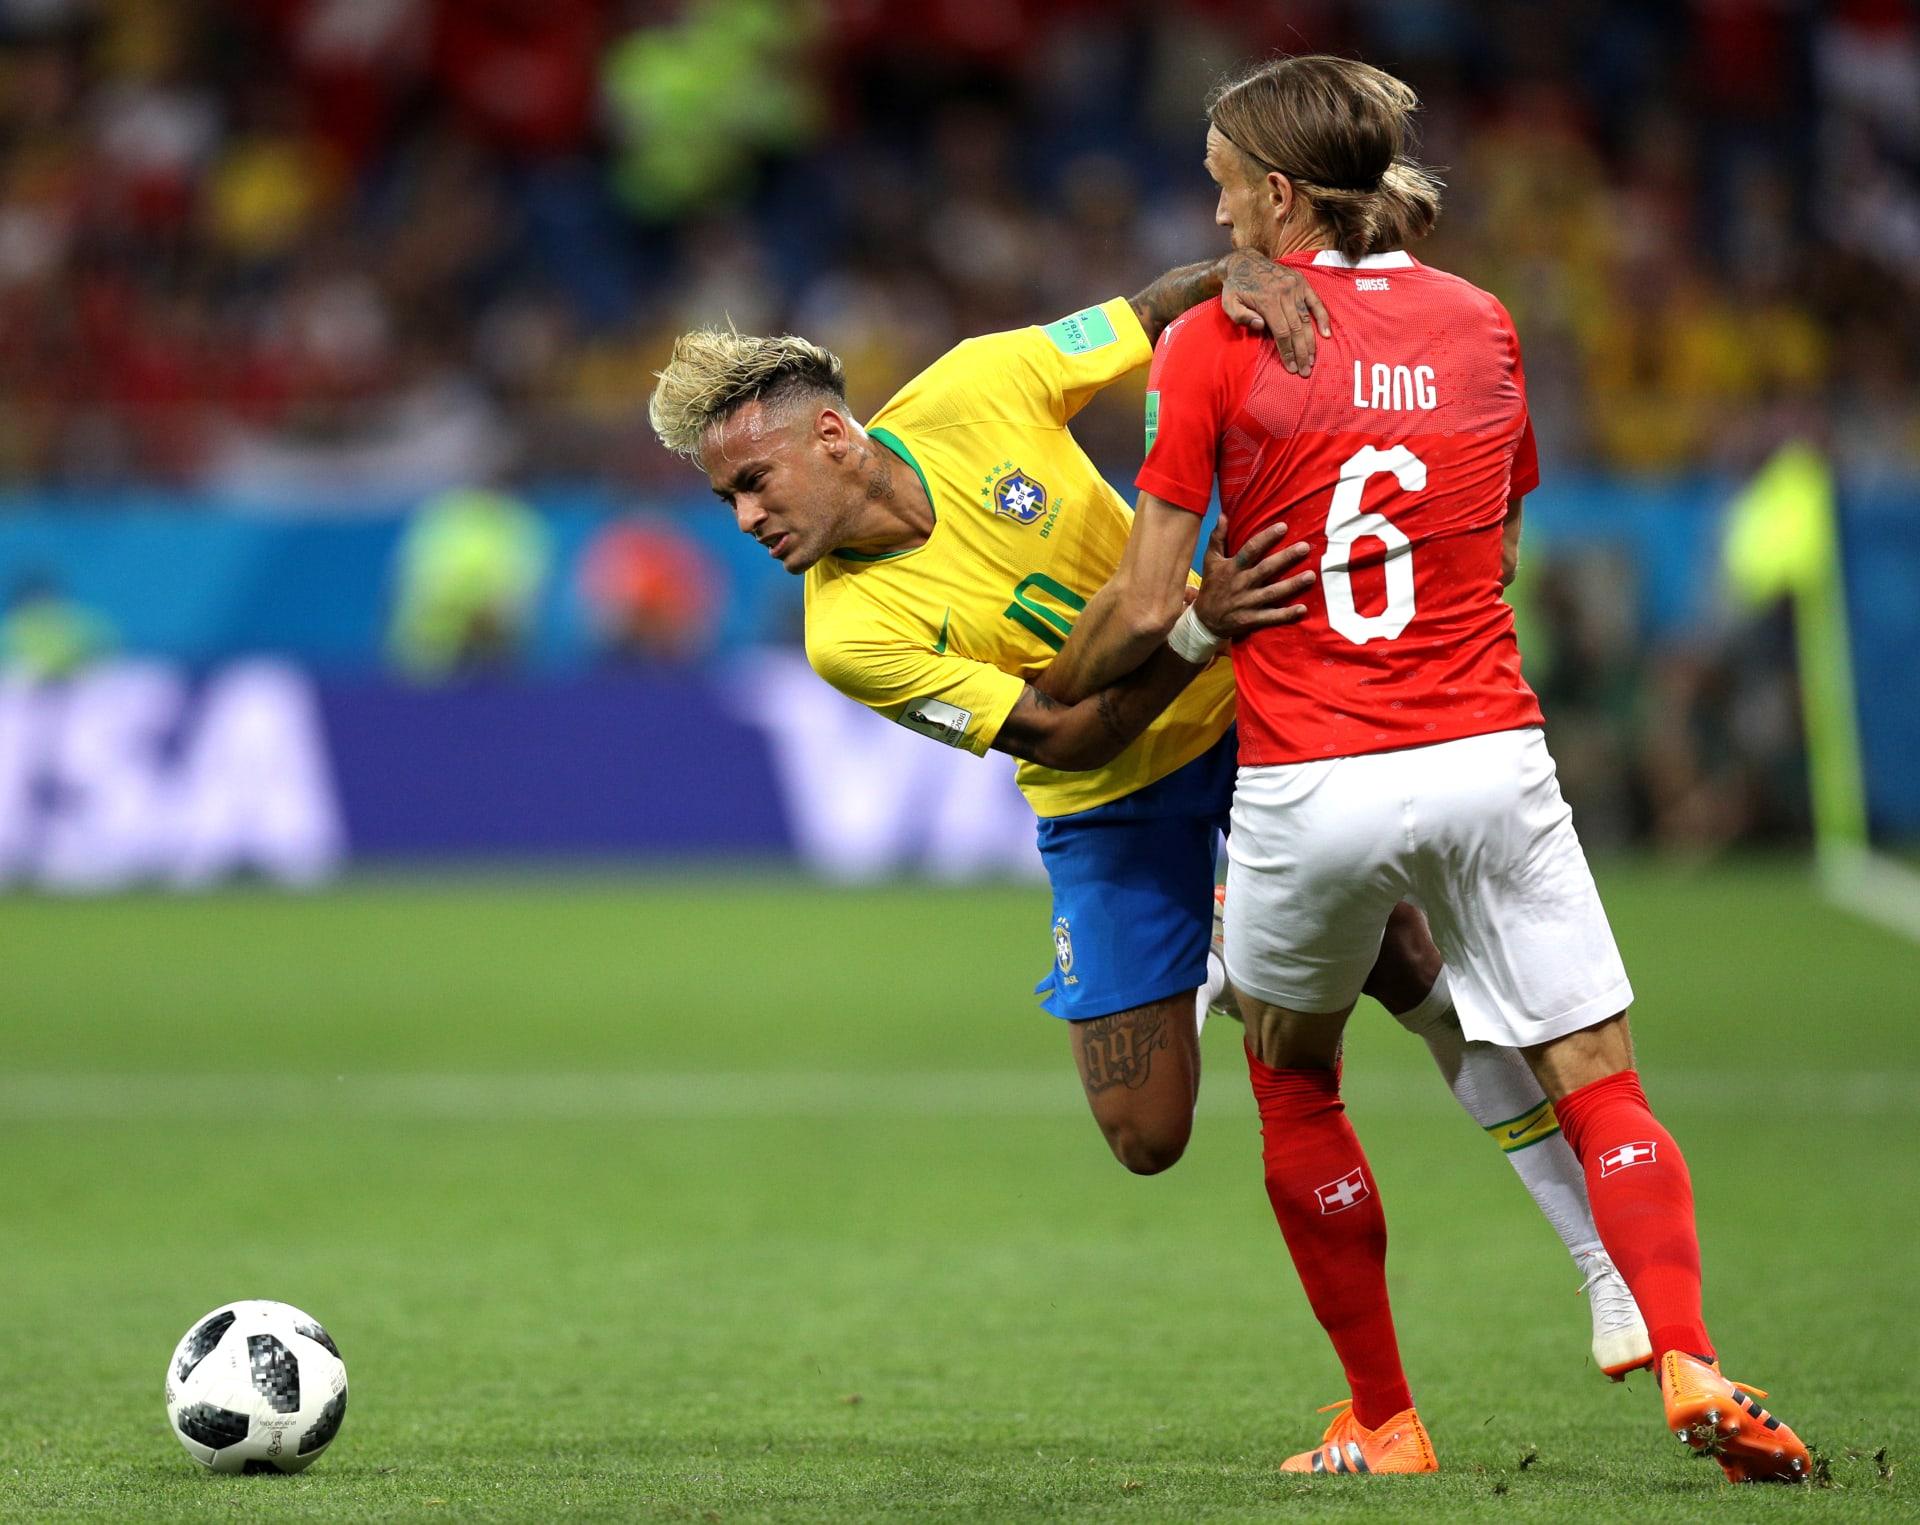 مفاجأة أخرى.. البرازيل تتعثر أمام سويسرا في المونديال